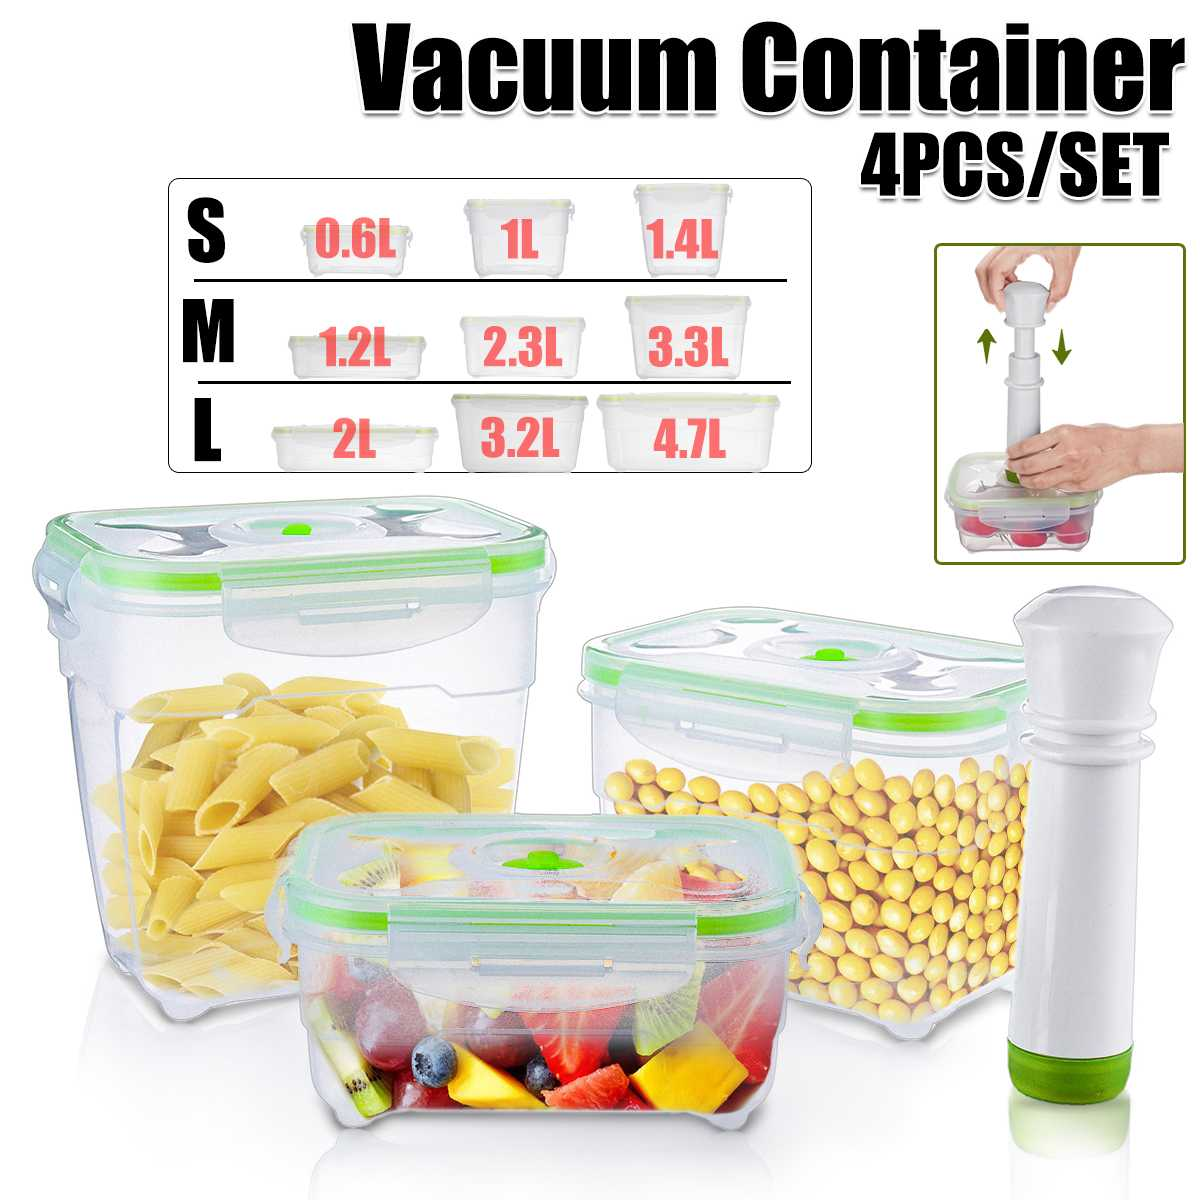 Вакуумный контейнер с вакуумным насосом, контейнер для хранения, для холодильника, кухни, микроволновой печи, большой объем 0,6-4,7 л, 4 шт./комп...